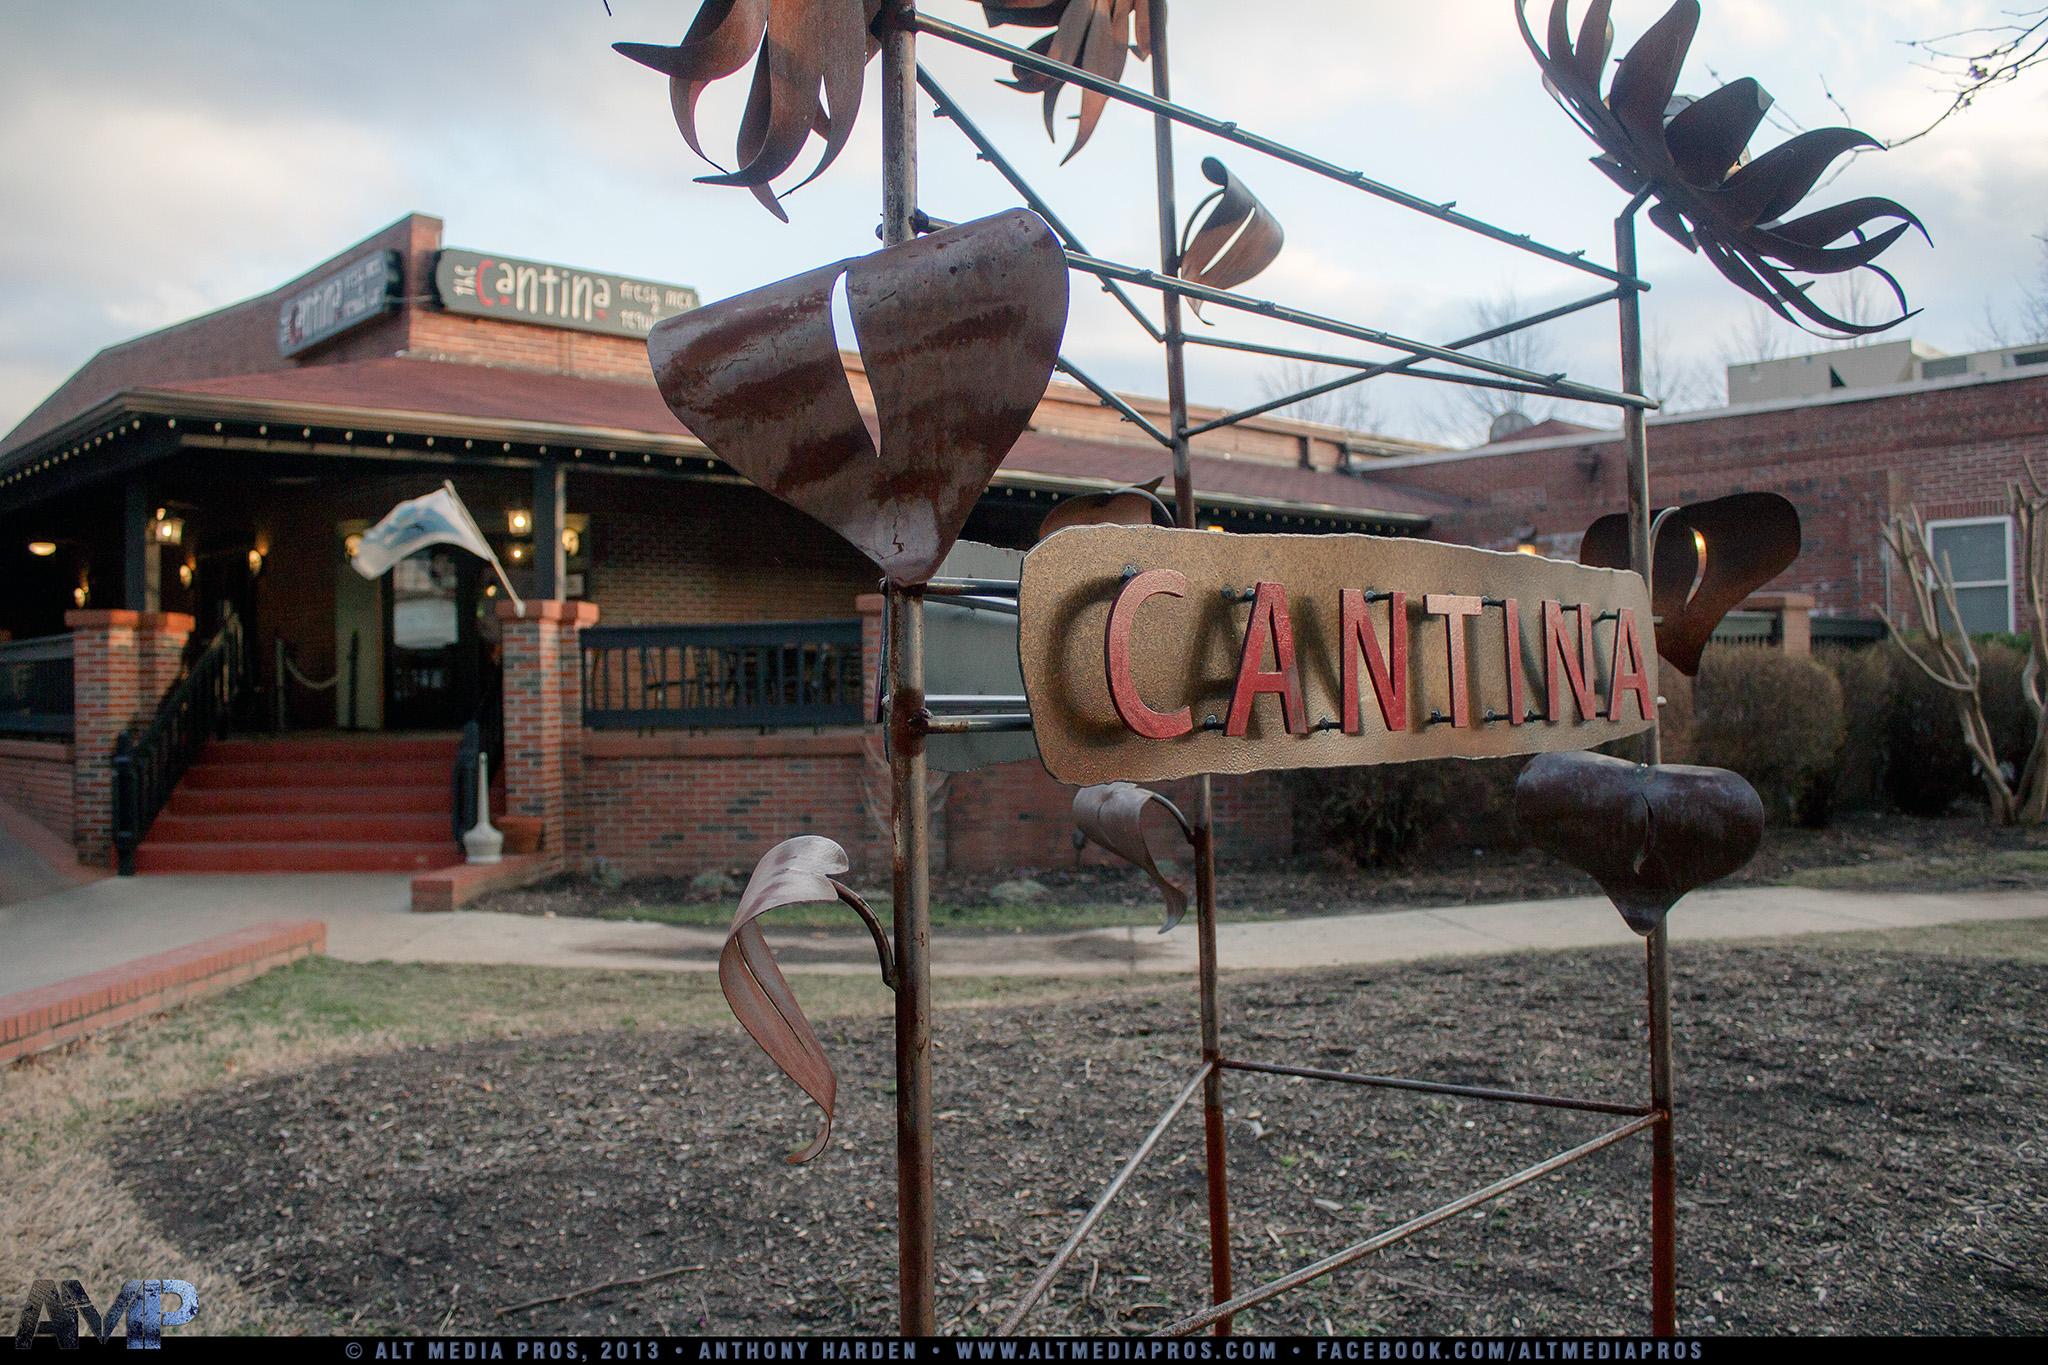 Cantina at Biltmore_PSD_022813_001.jpg